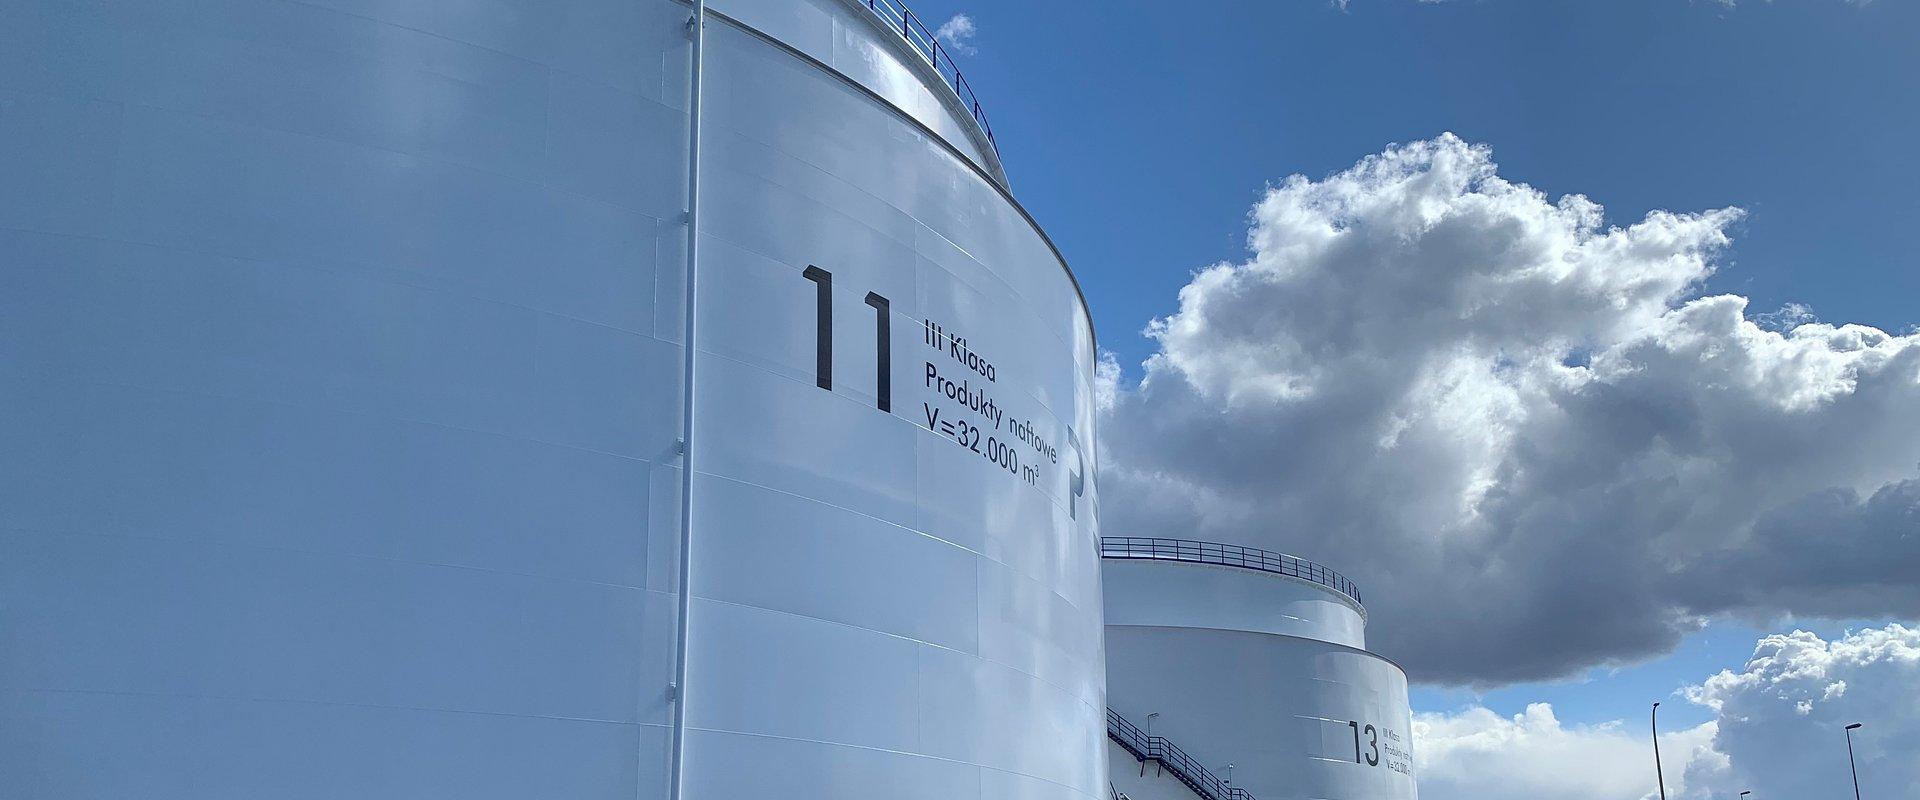 PERN: trzeci etap rozbudowy pojemności paliwowych wchodzi w decydującą fazę